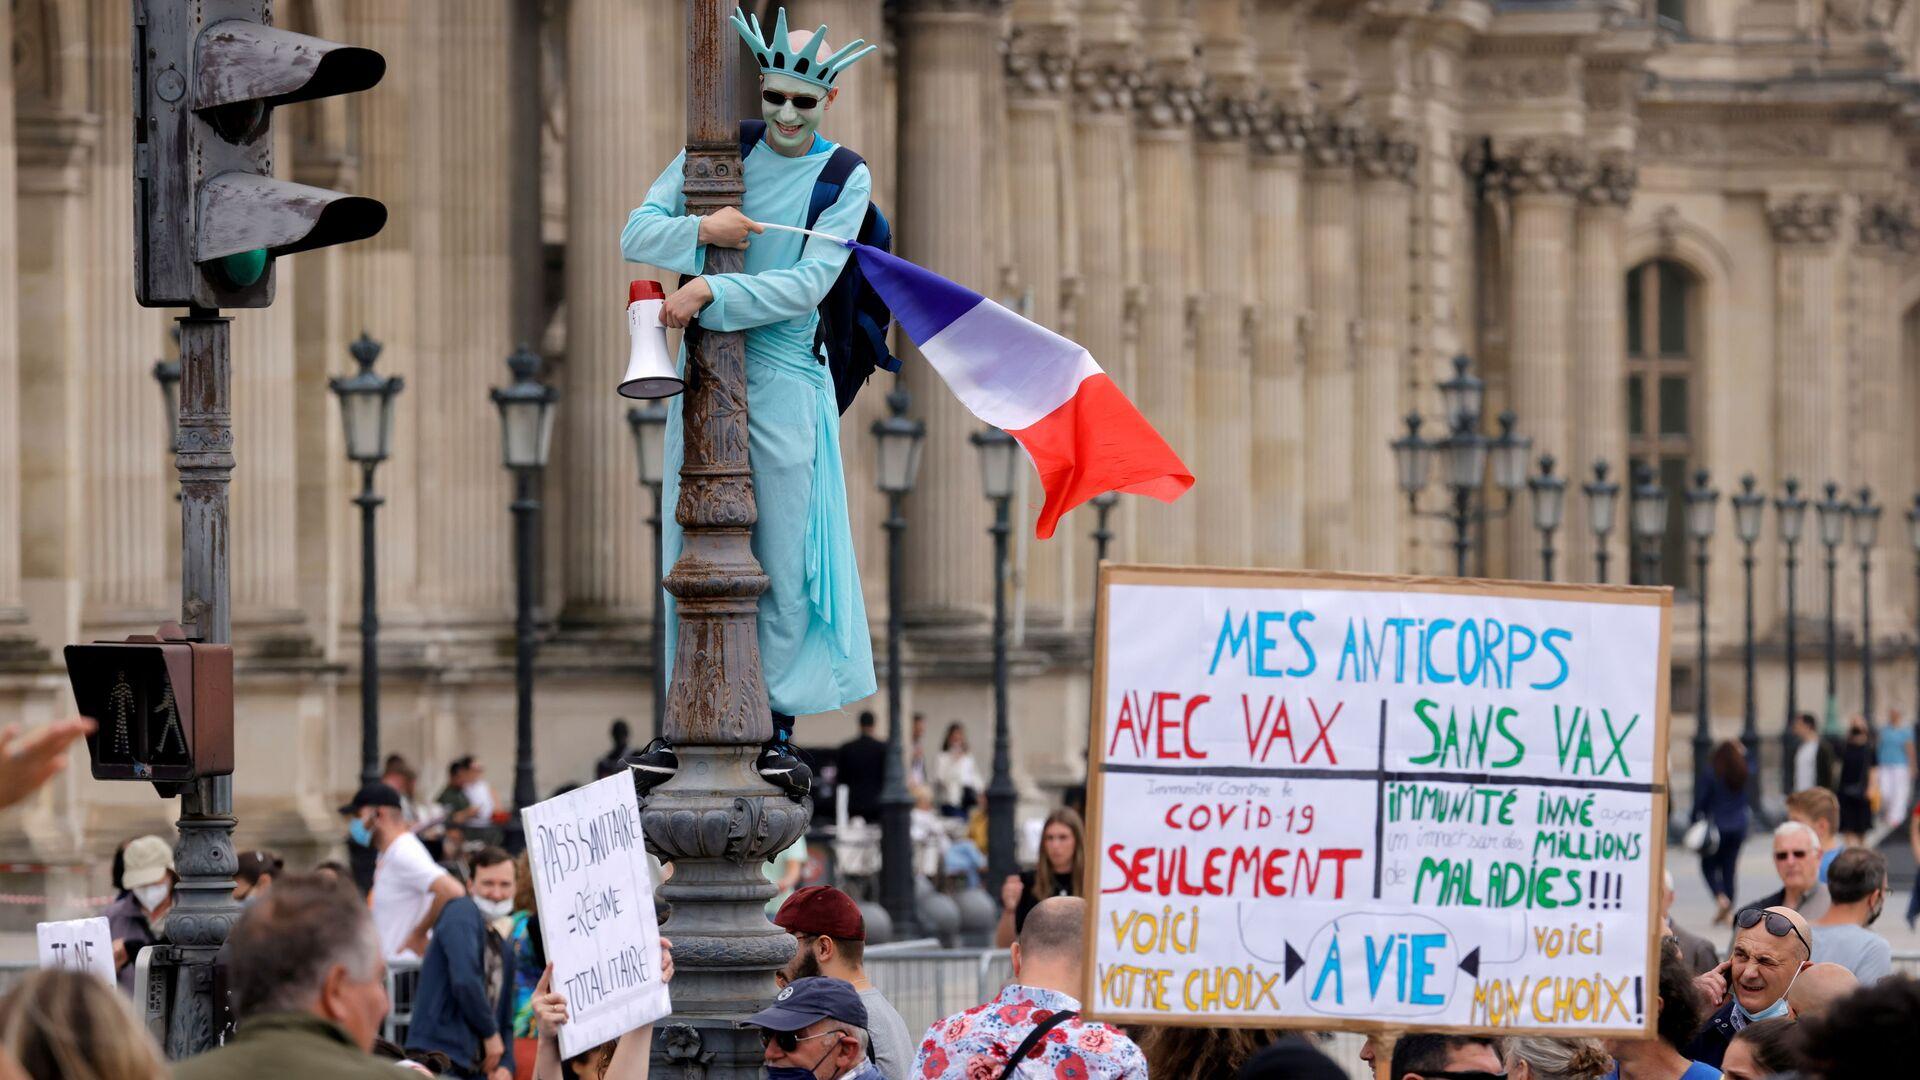 Proteste contro le restrizioni anti-Covid governative a Parigi - Sputnik Italia, 1920, 27.07.2021